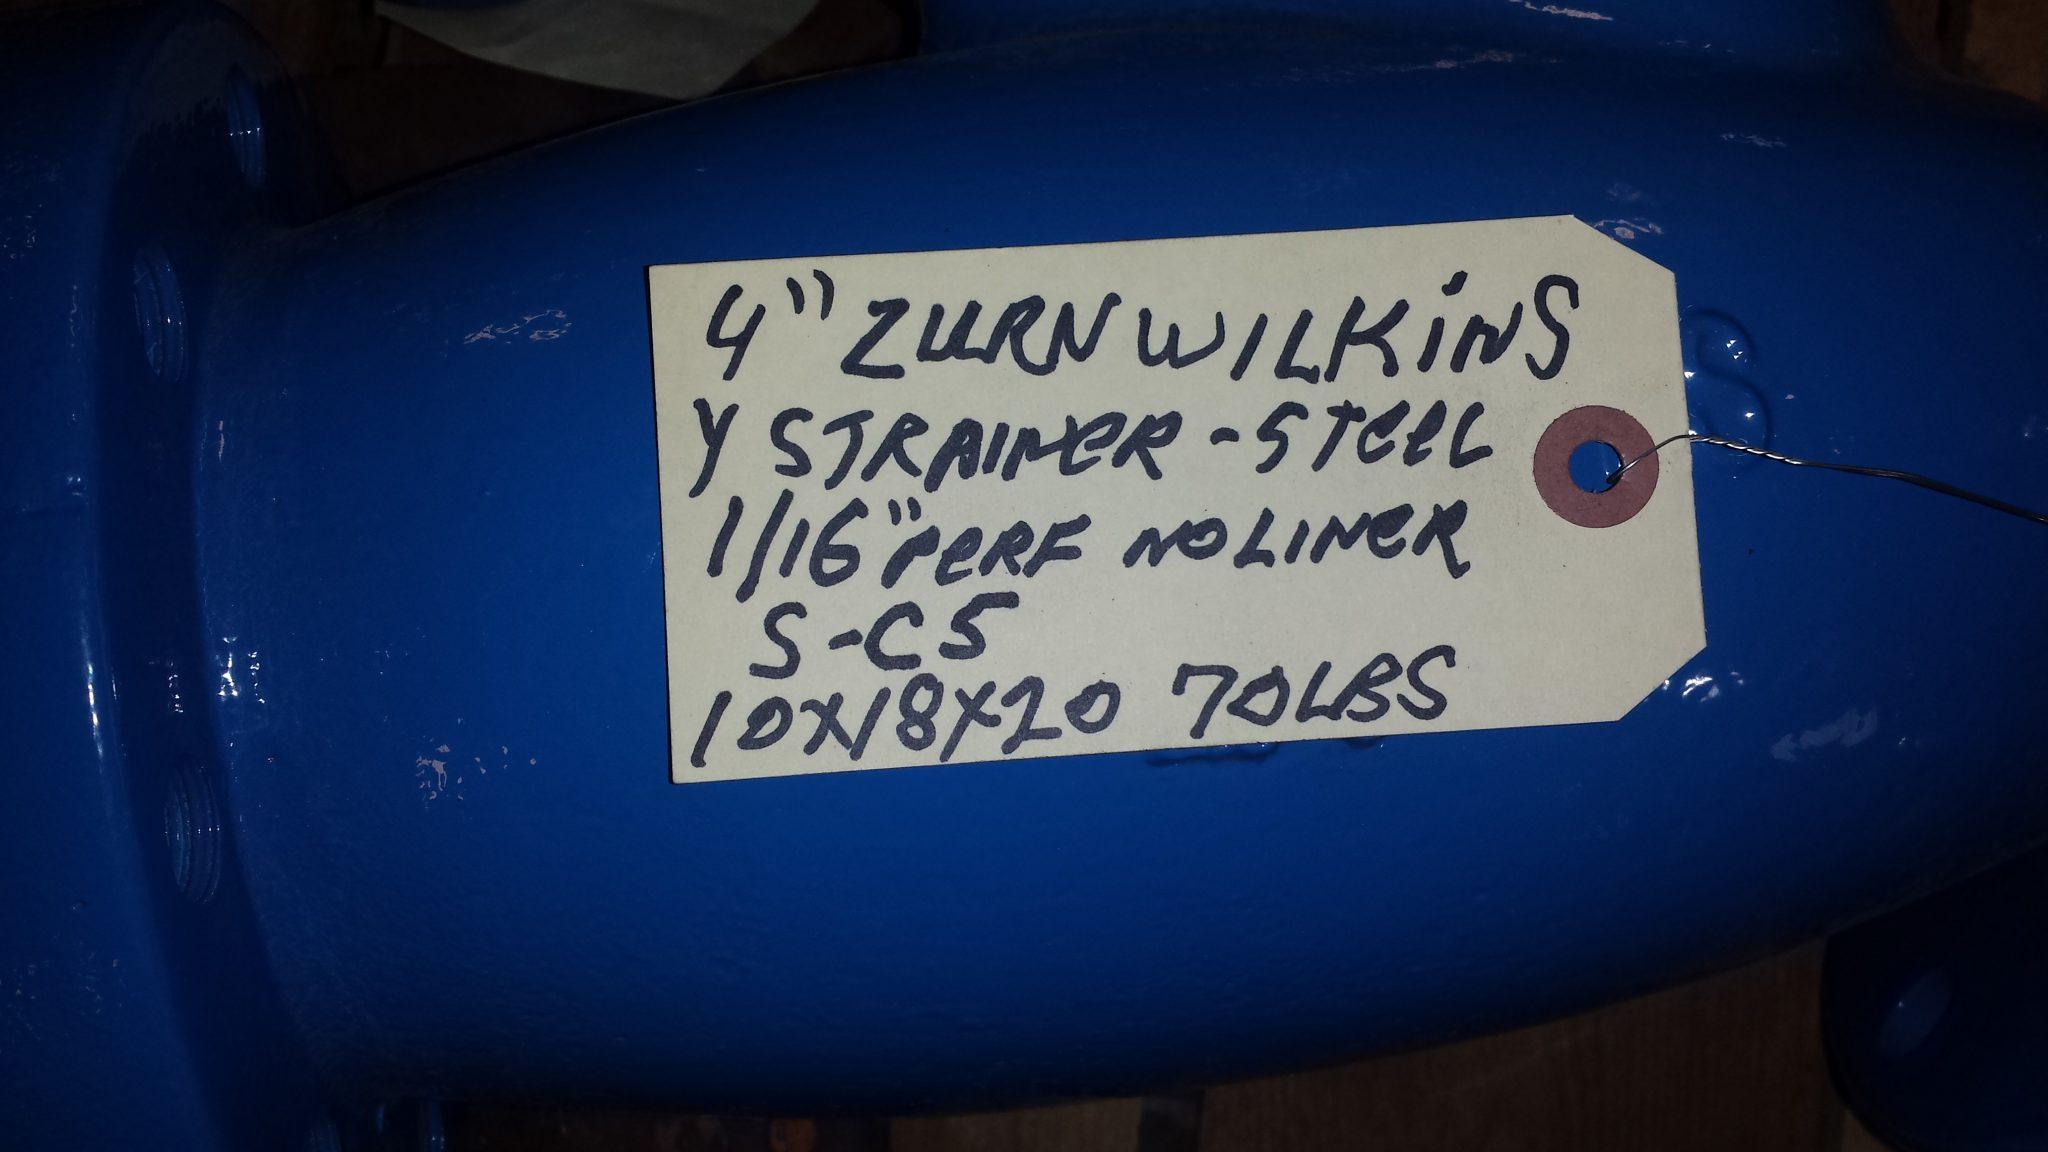 4″ Zurn Wilkins steel Y strainer, NEW – Oil Trades Supply Corp